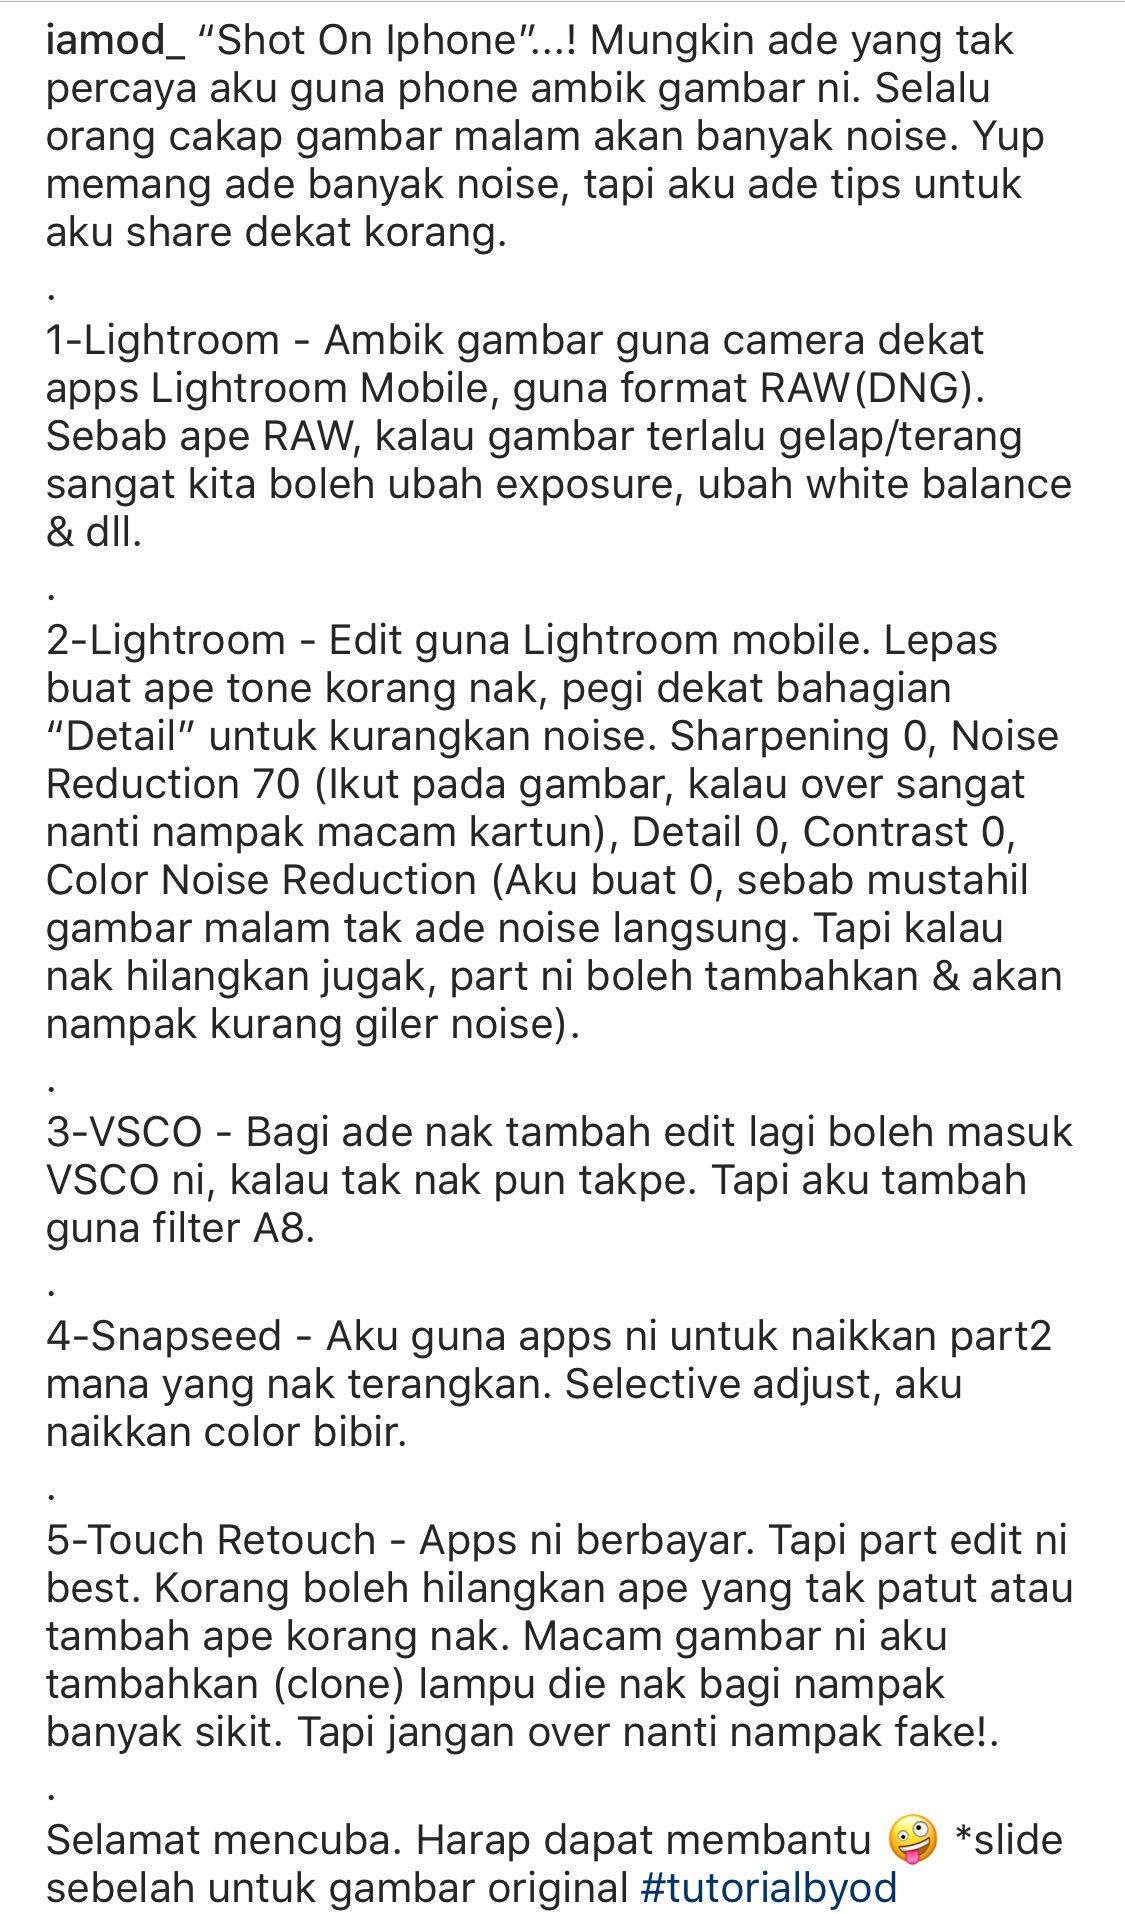 """𝗢𝗗 🦊 on Twitter """"Tips ambik gambar malam guna phone & Edit bagi cun guna """"Mobile lightroom"""" Harap bergunalah untuk korang"""